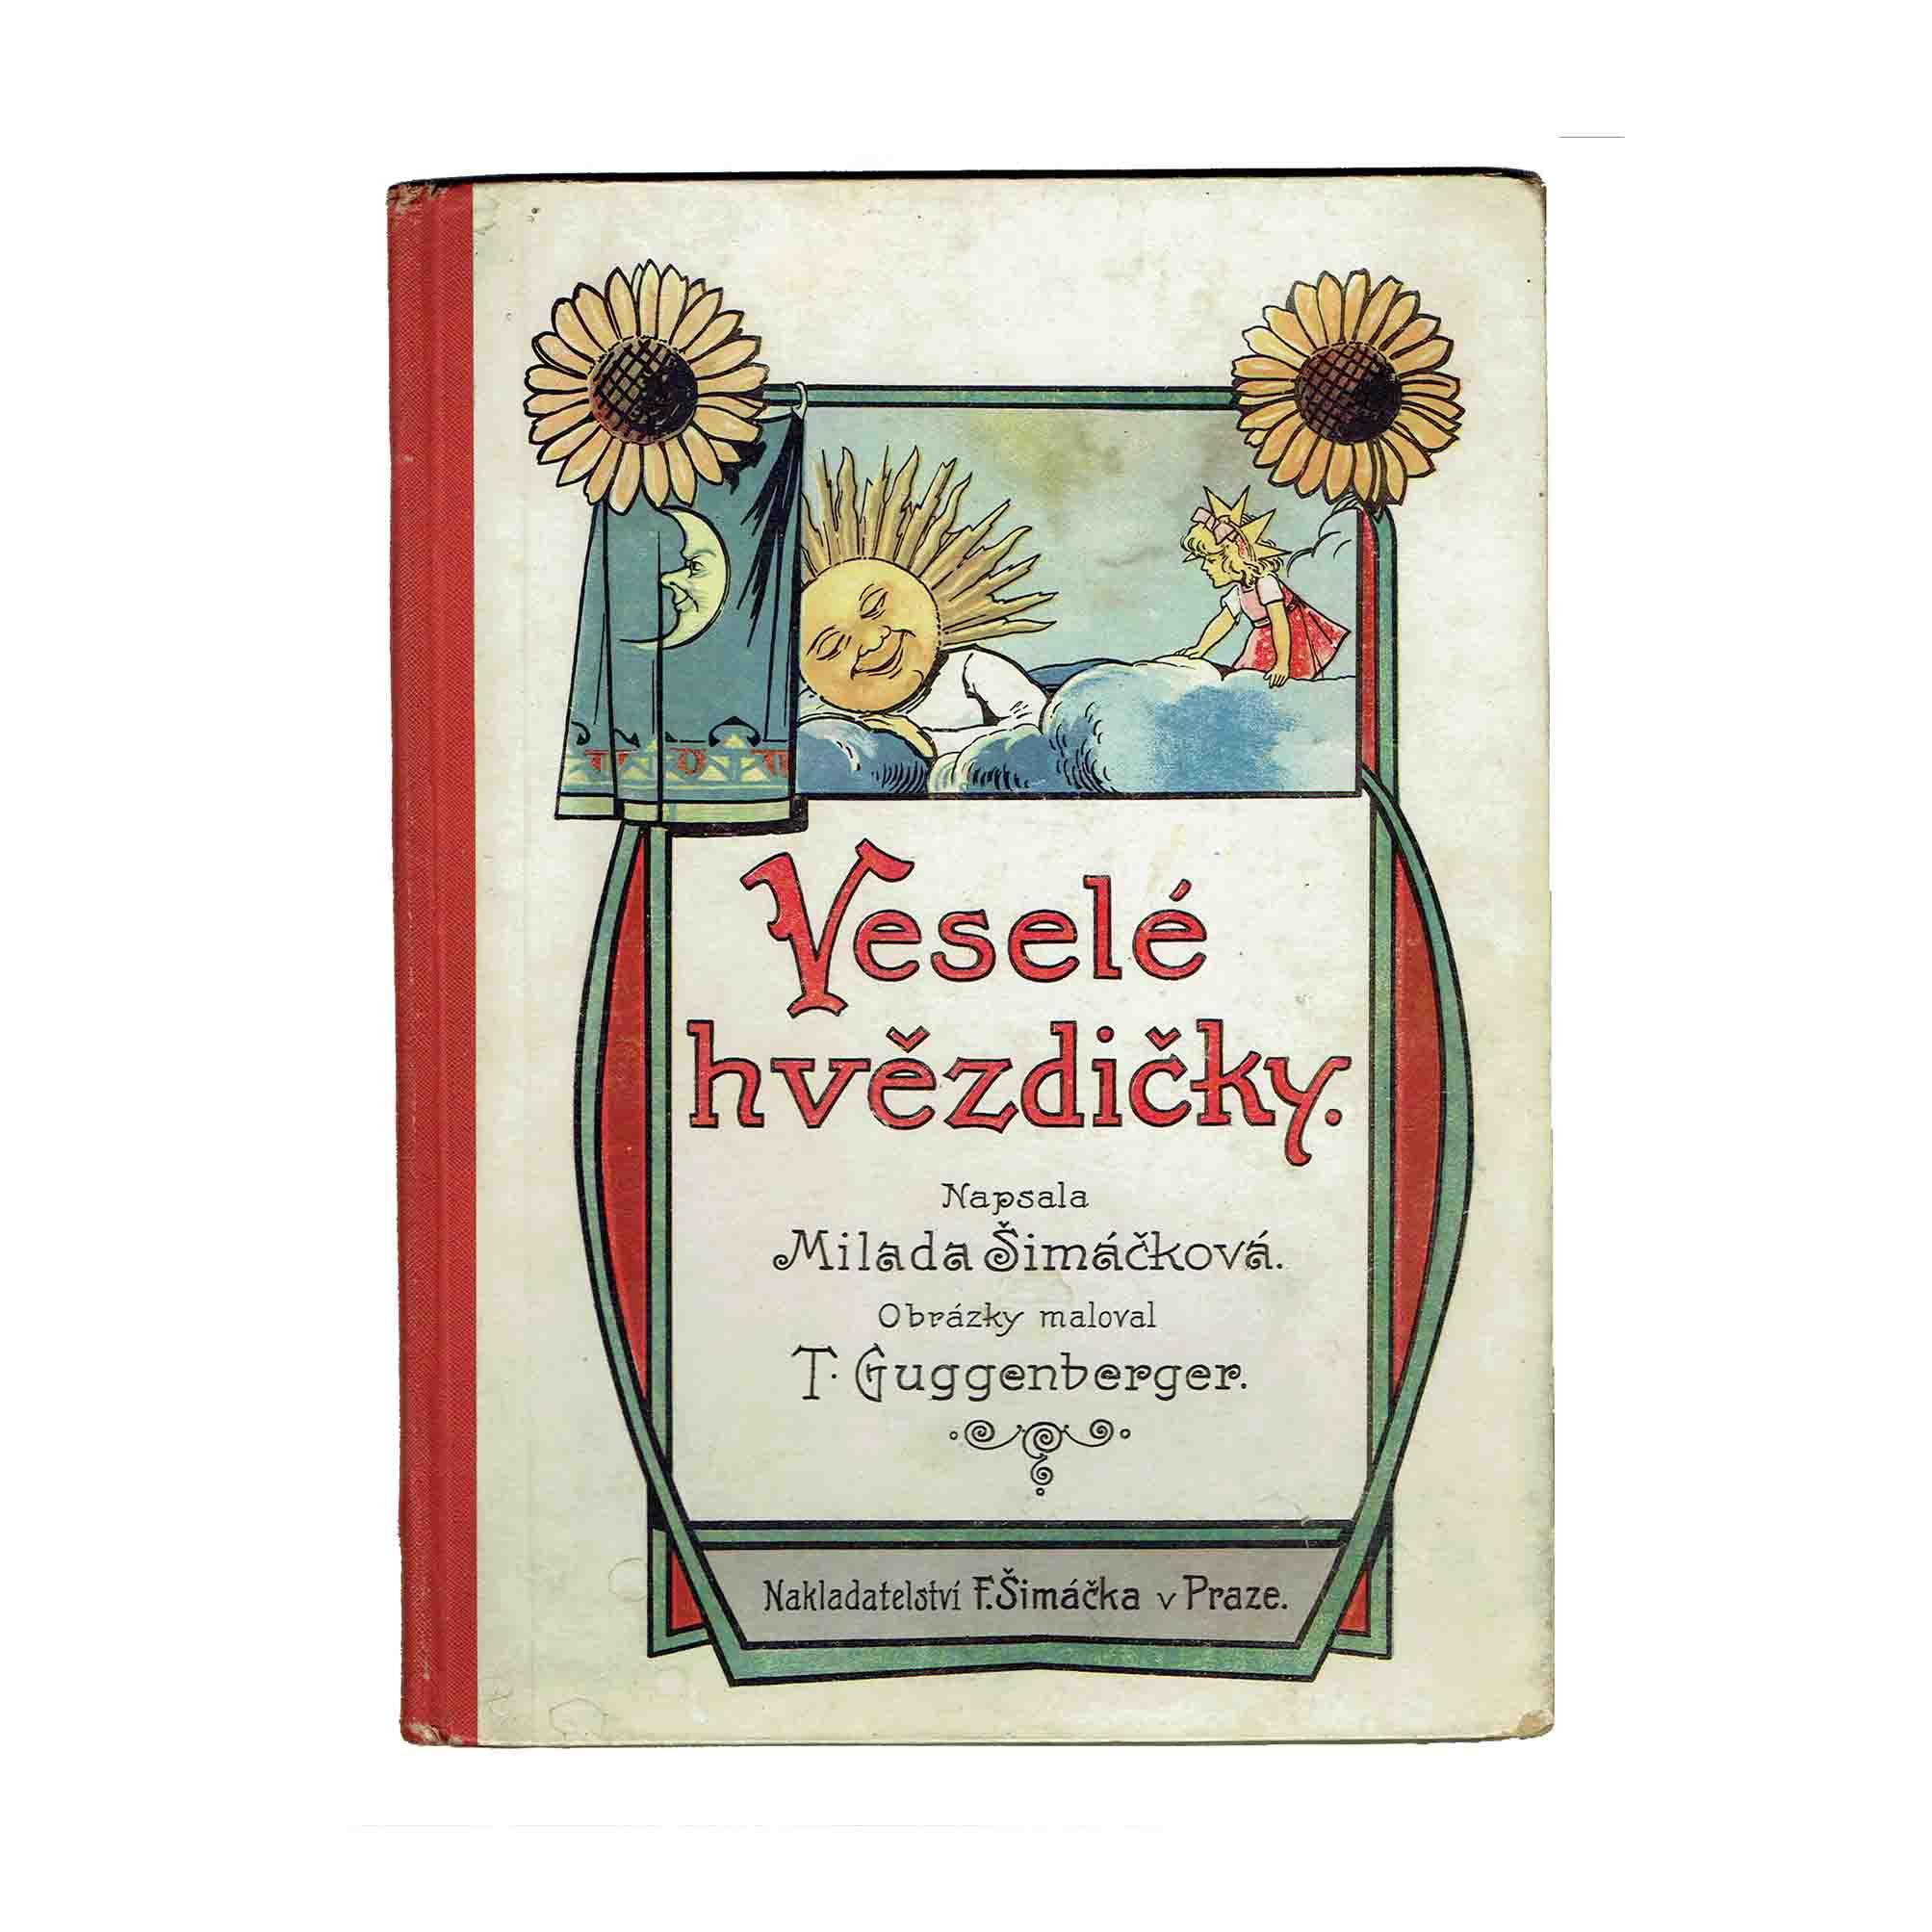 5587-Guggengerger-Simackova-Vesele-hvezdicky-1913-Einbandillustration-frei-N.jpg